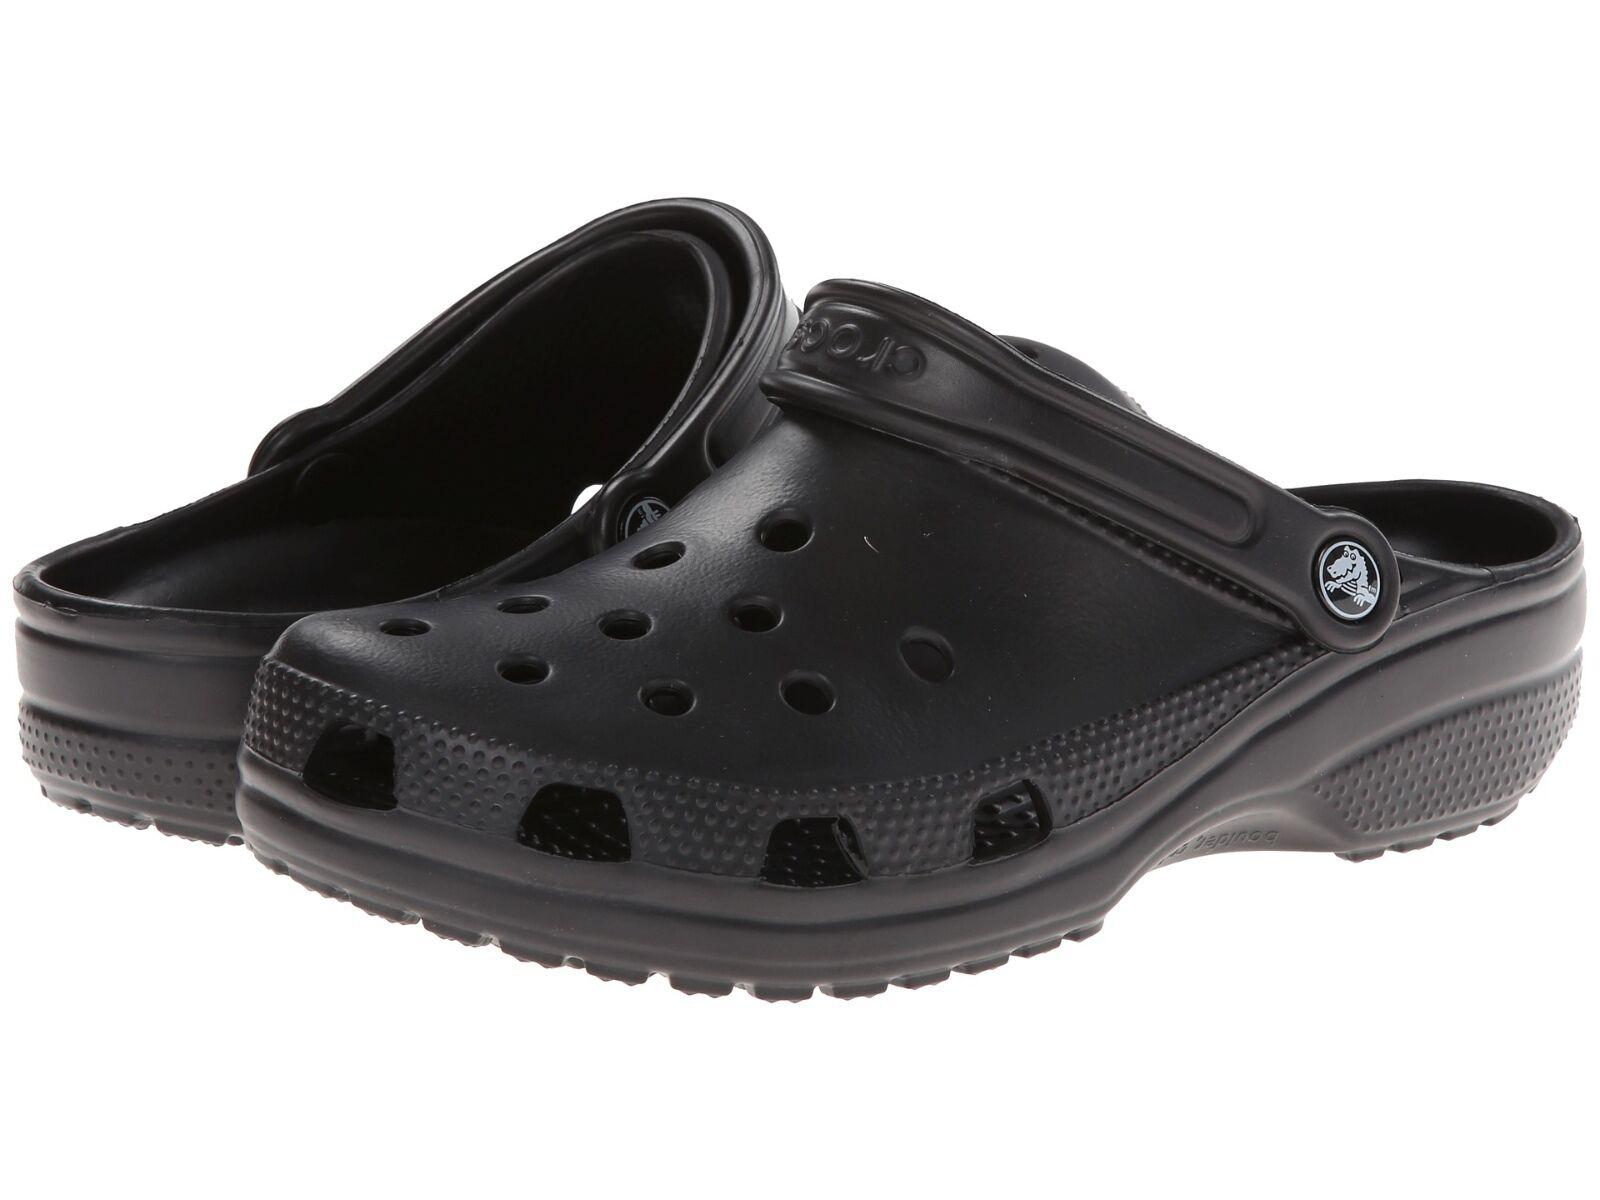 Crocs Men Classic Clogs Black SZ 13 New w Tags Summer Sandals Casual Pool Shoes